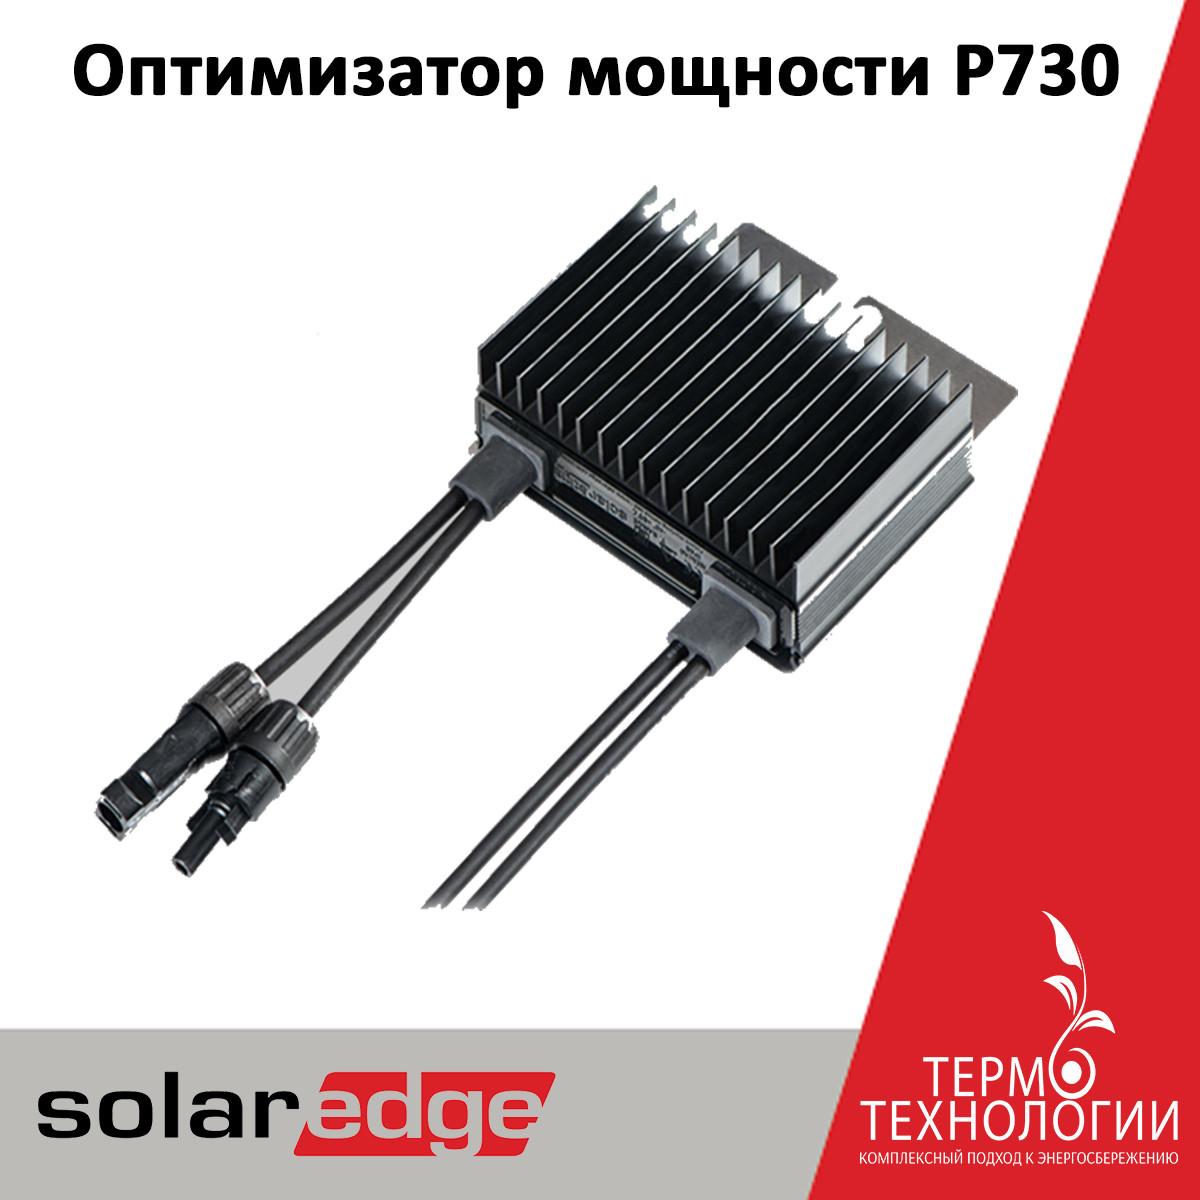 Оптимизатор мощности SolarAdge P730, для 2 ФЭМ по 60 элементов